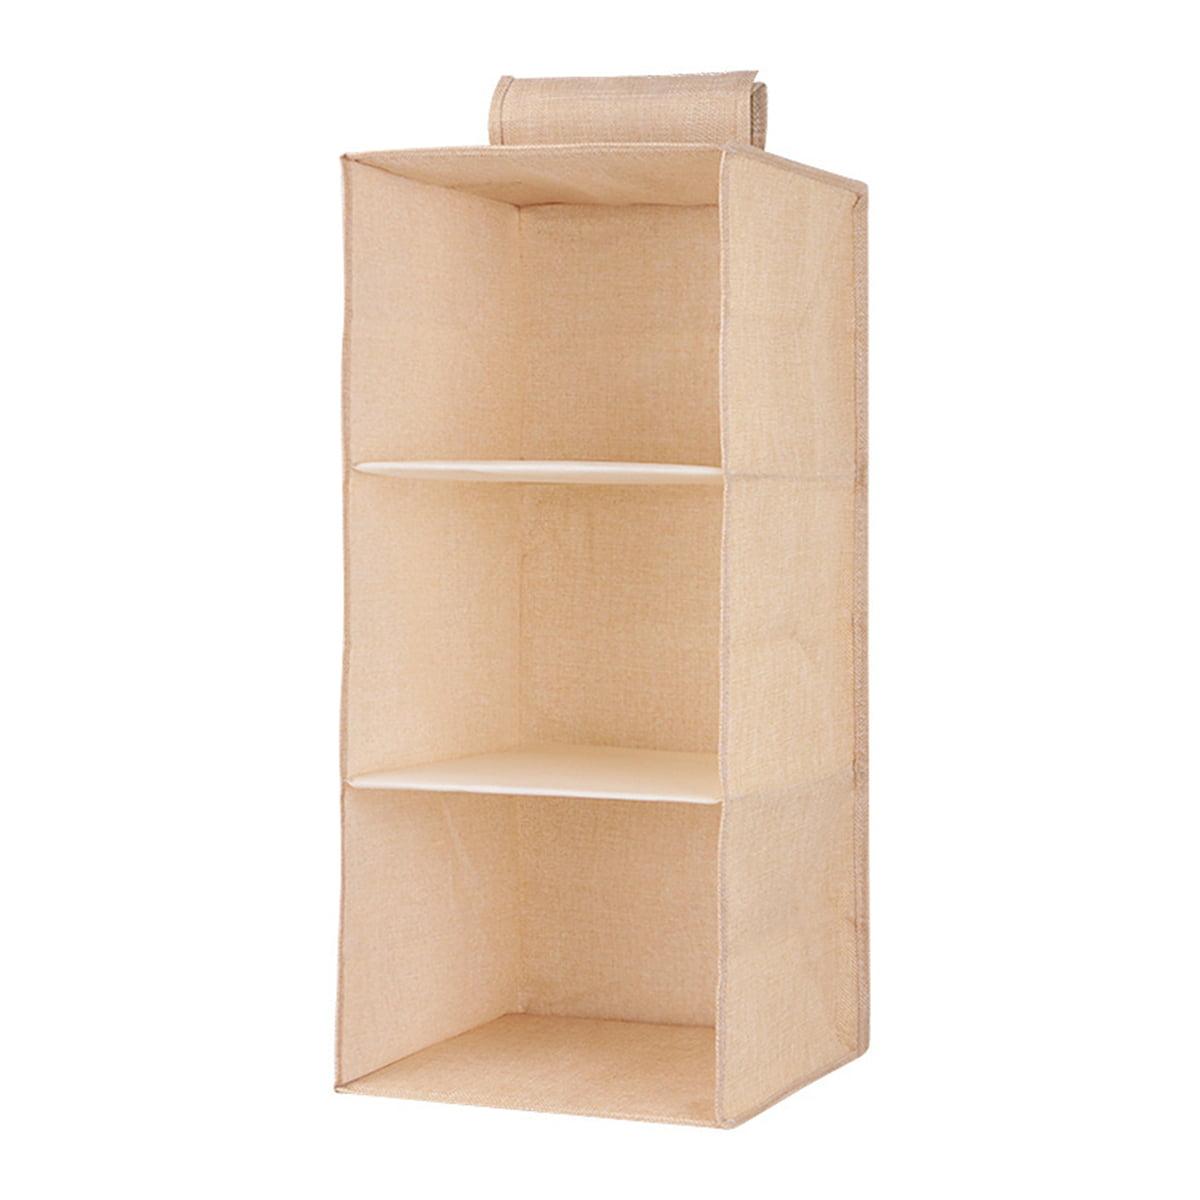 Belts or Bags Hanger Organizador de Armario de 3-5 Niveles Estanter/ía Colgante de Tela Clothes Closet Estante de Tela para Armario- 3Niveles Hanging Bedroom Shelving